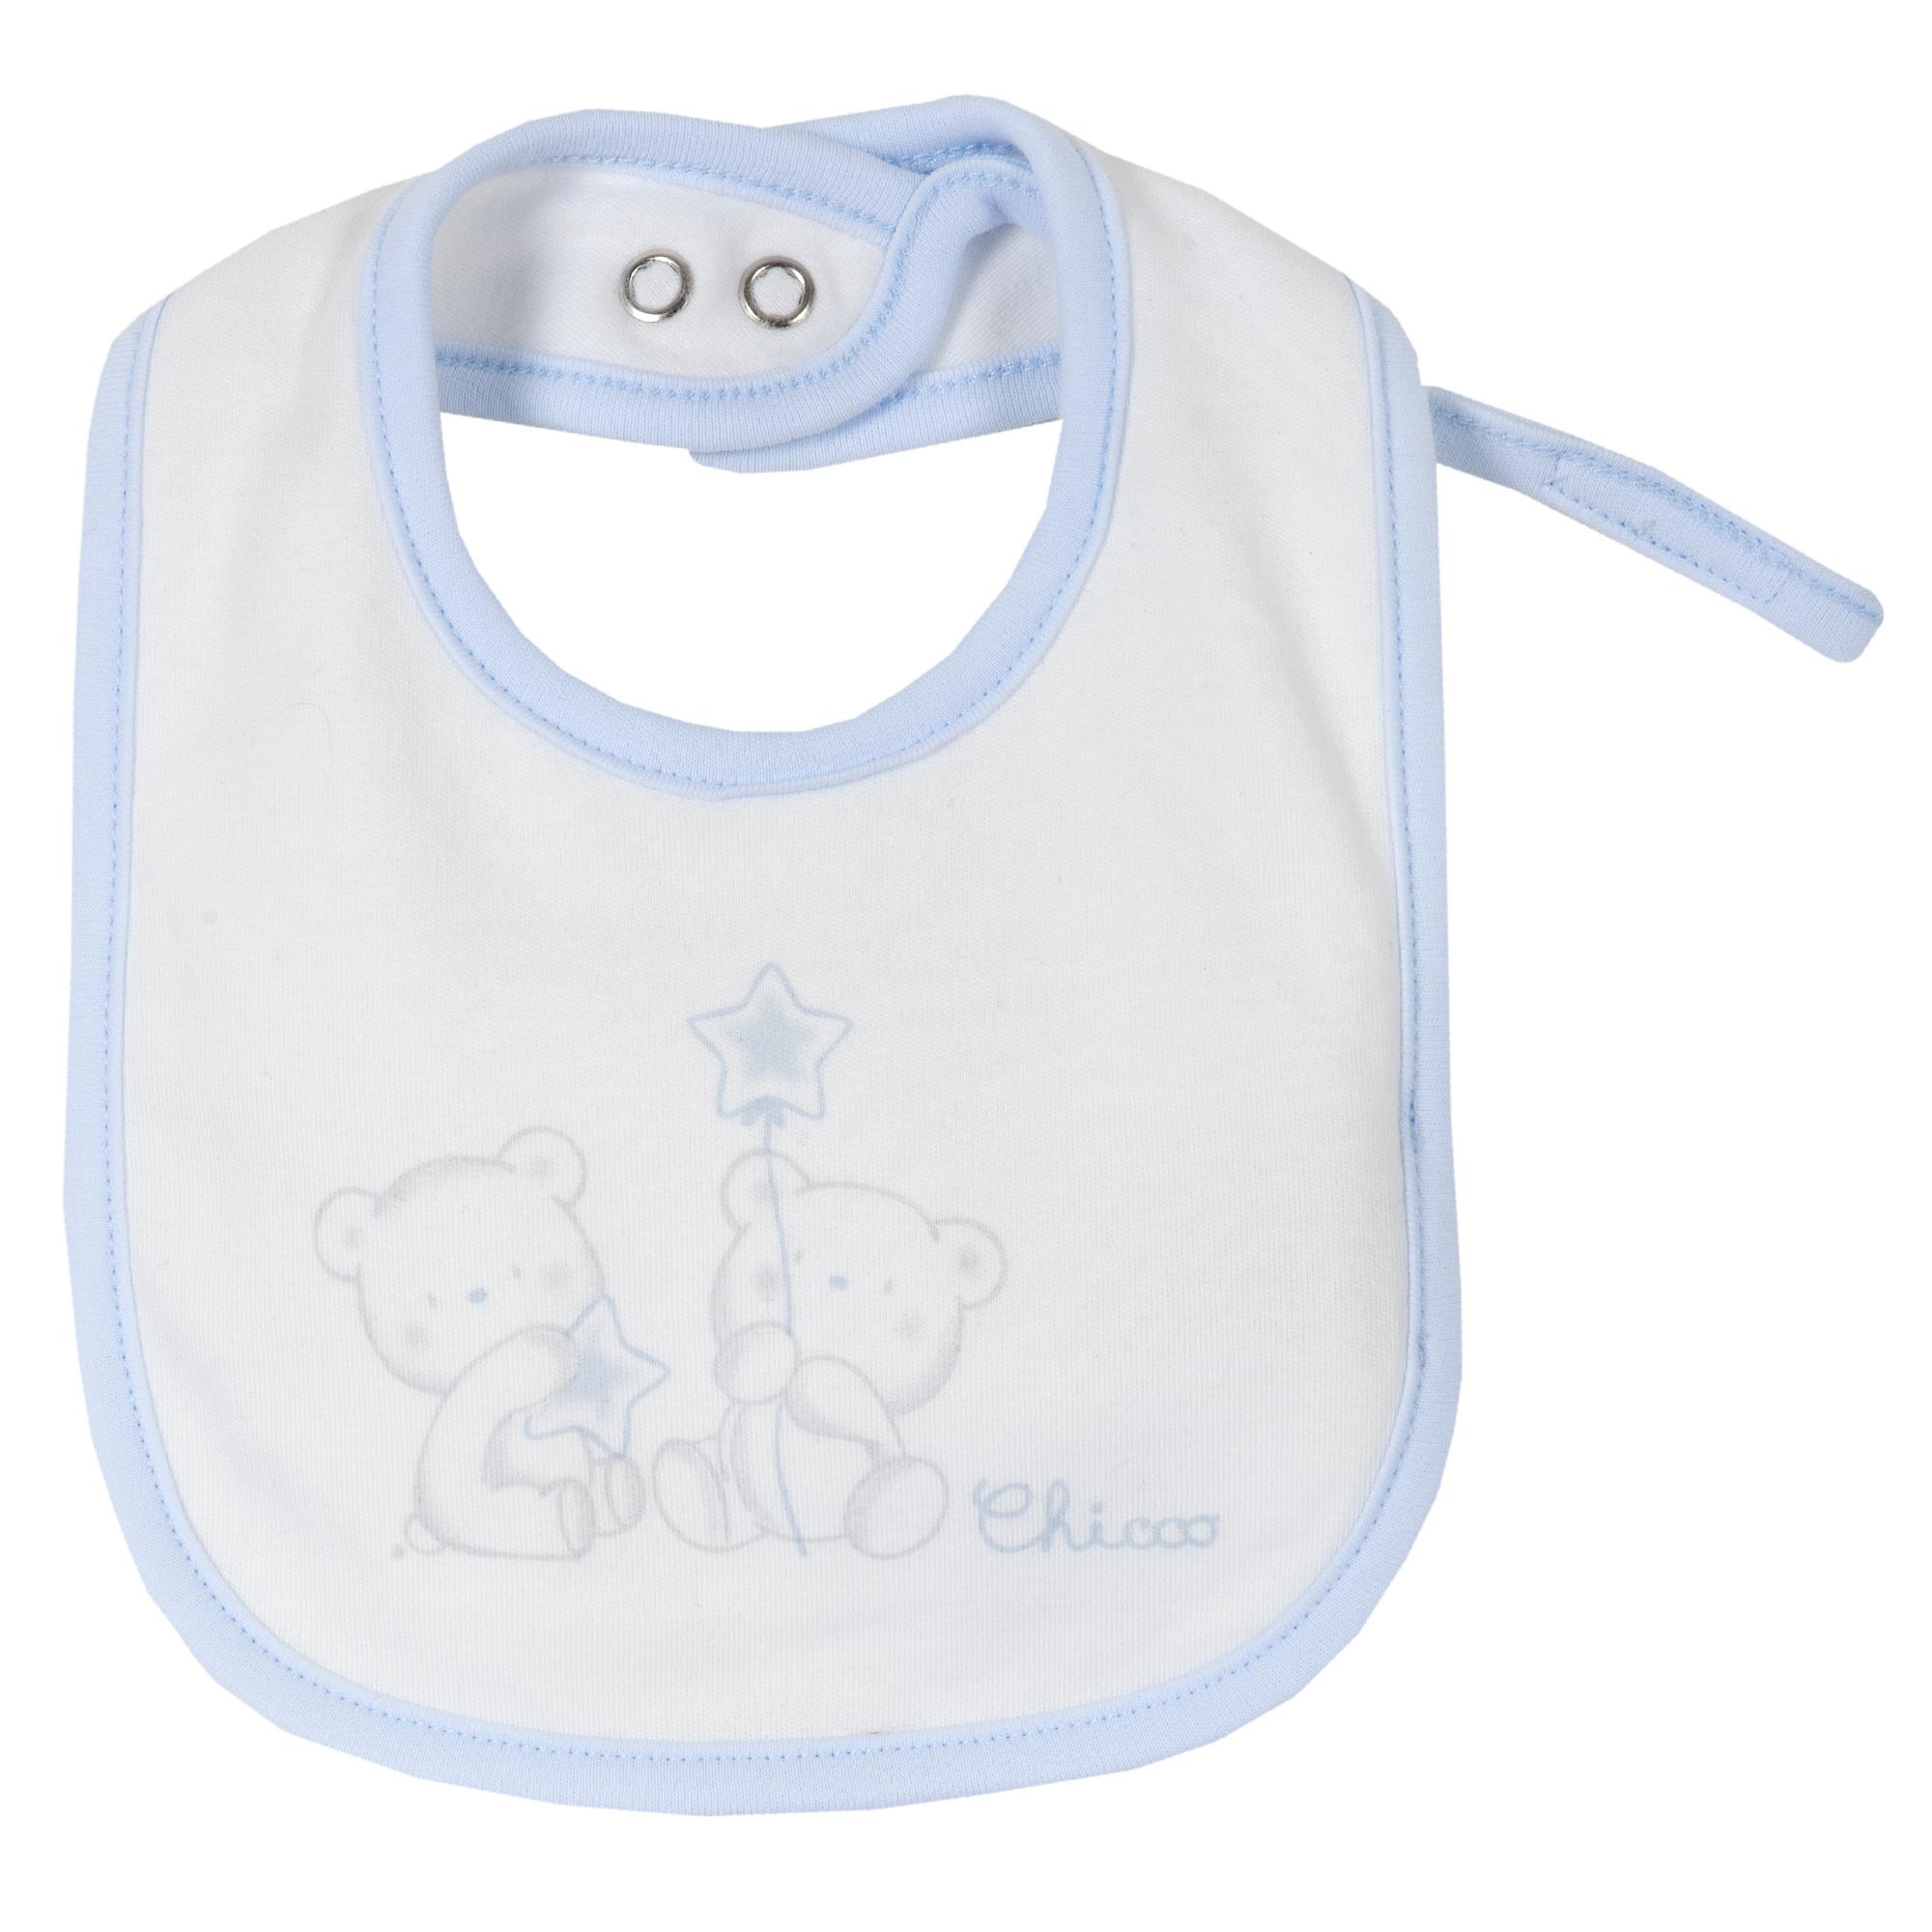 Baveta copii Chicco, alb cu albastru, 32720